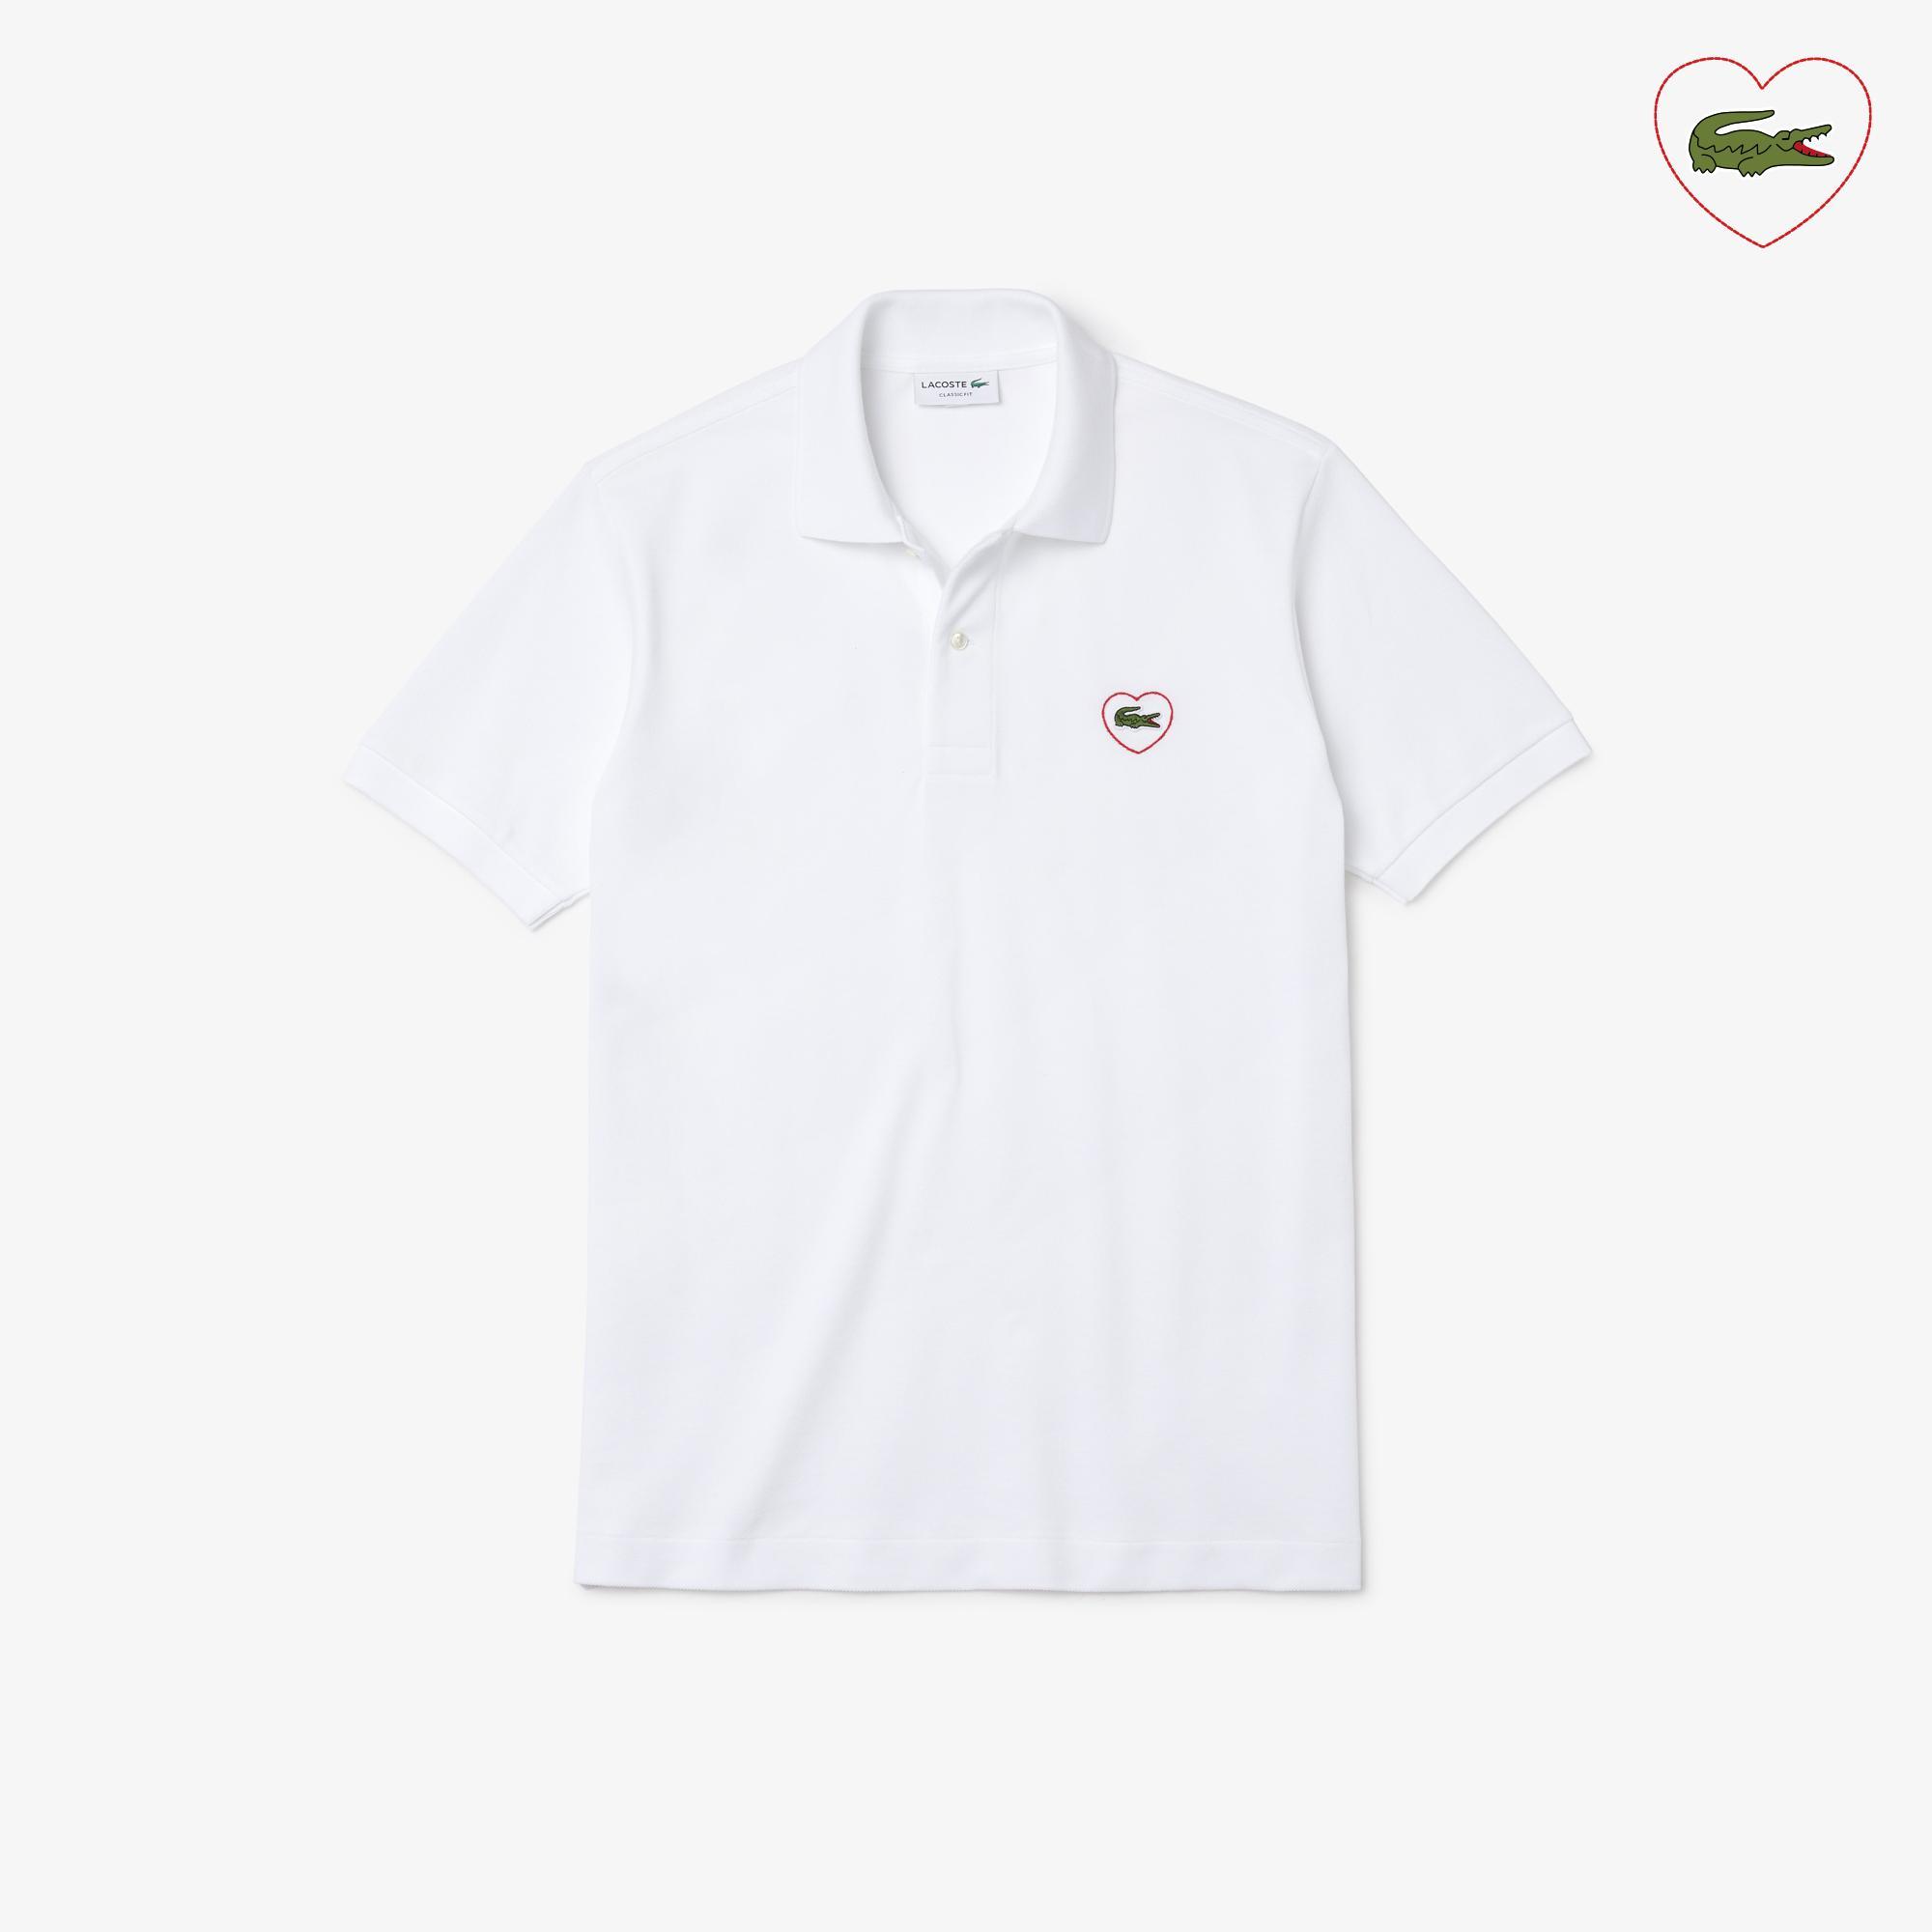 Lacoste Unisex L.12.12 Merci Polo in cotton piqué